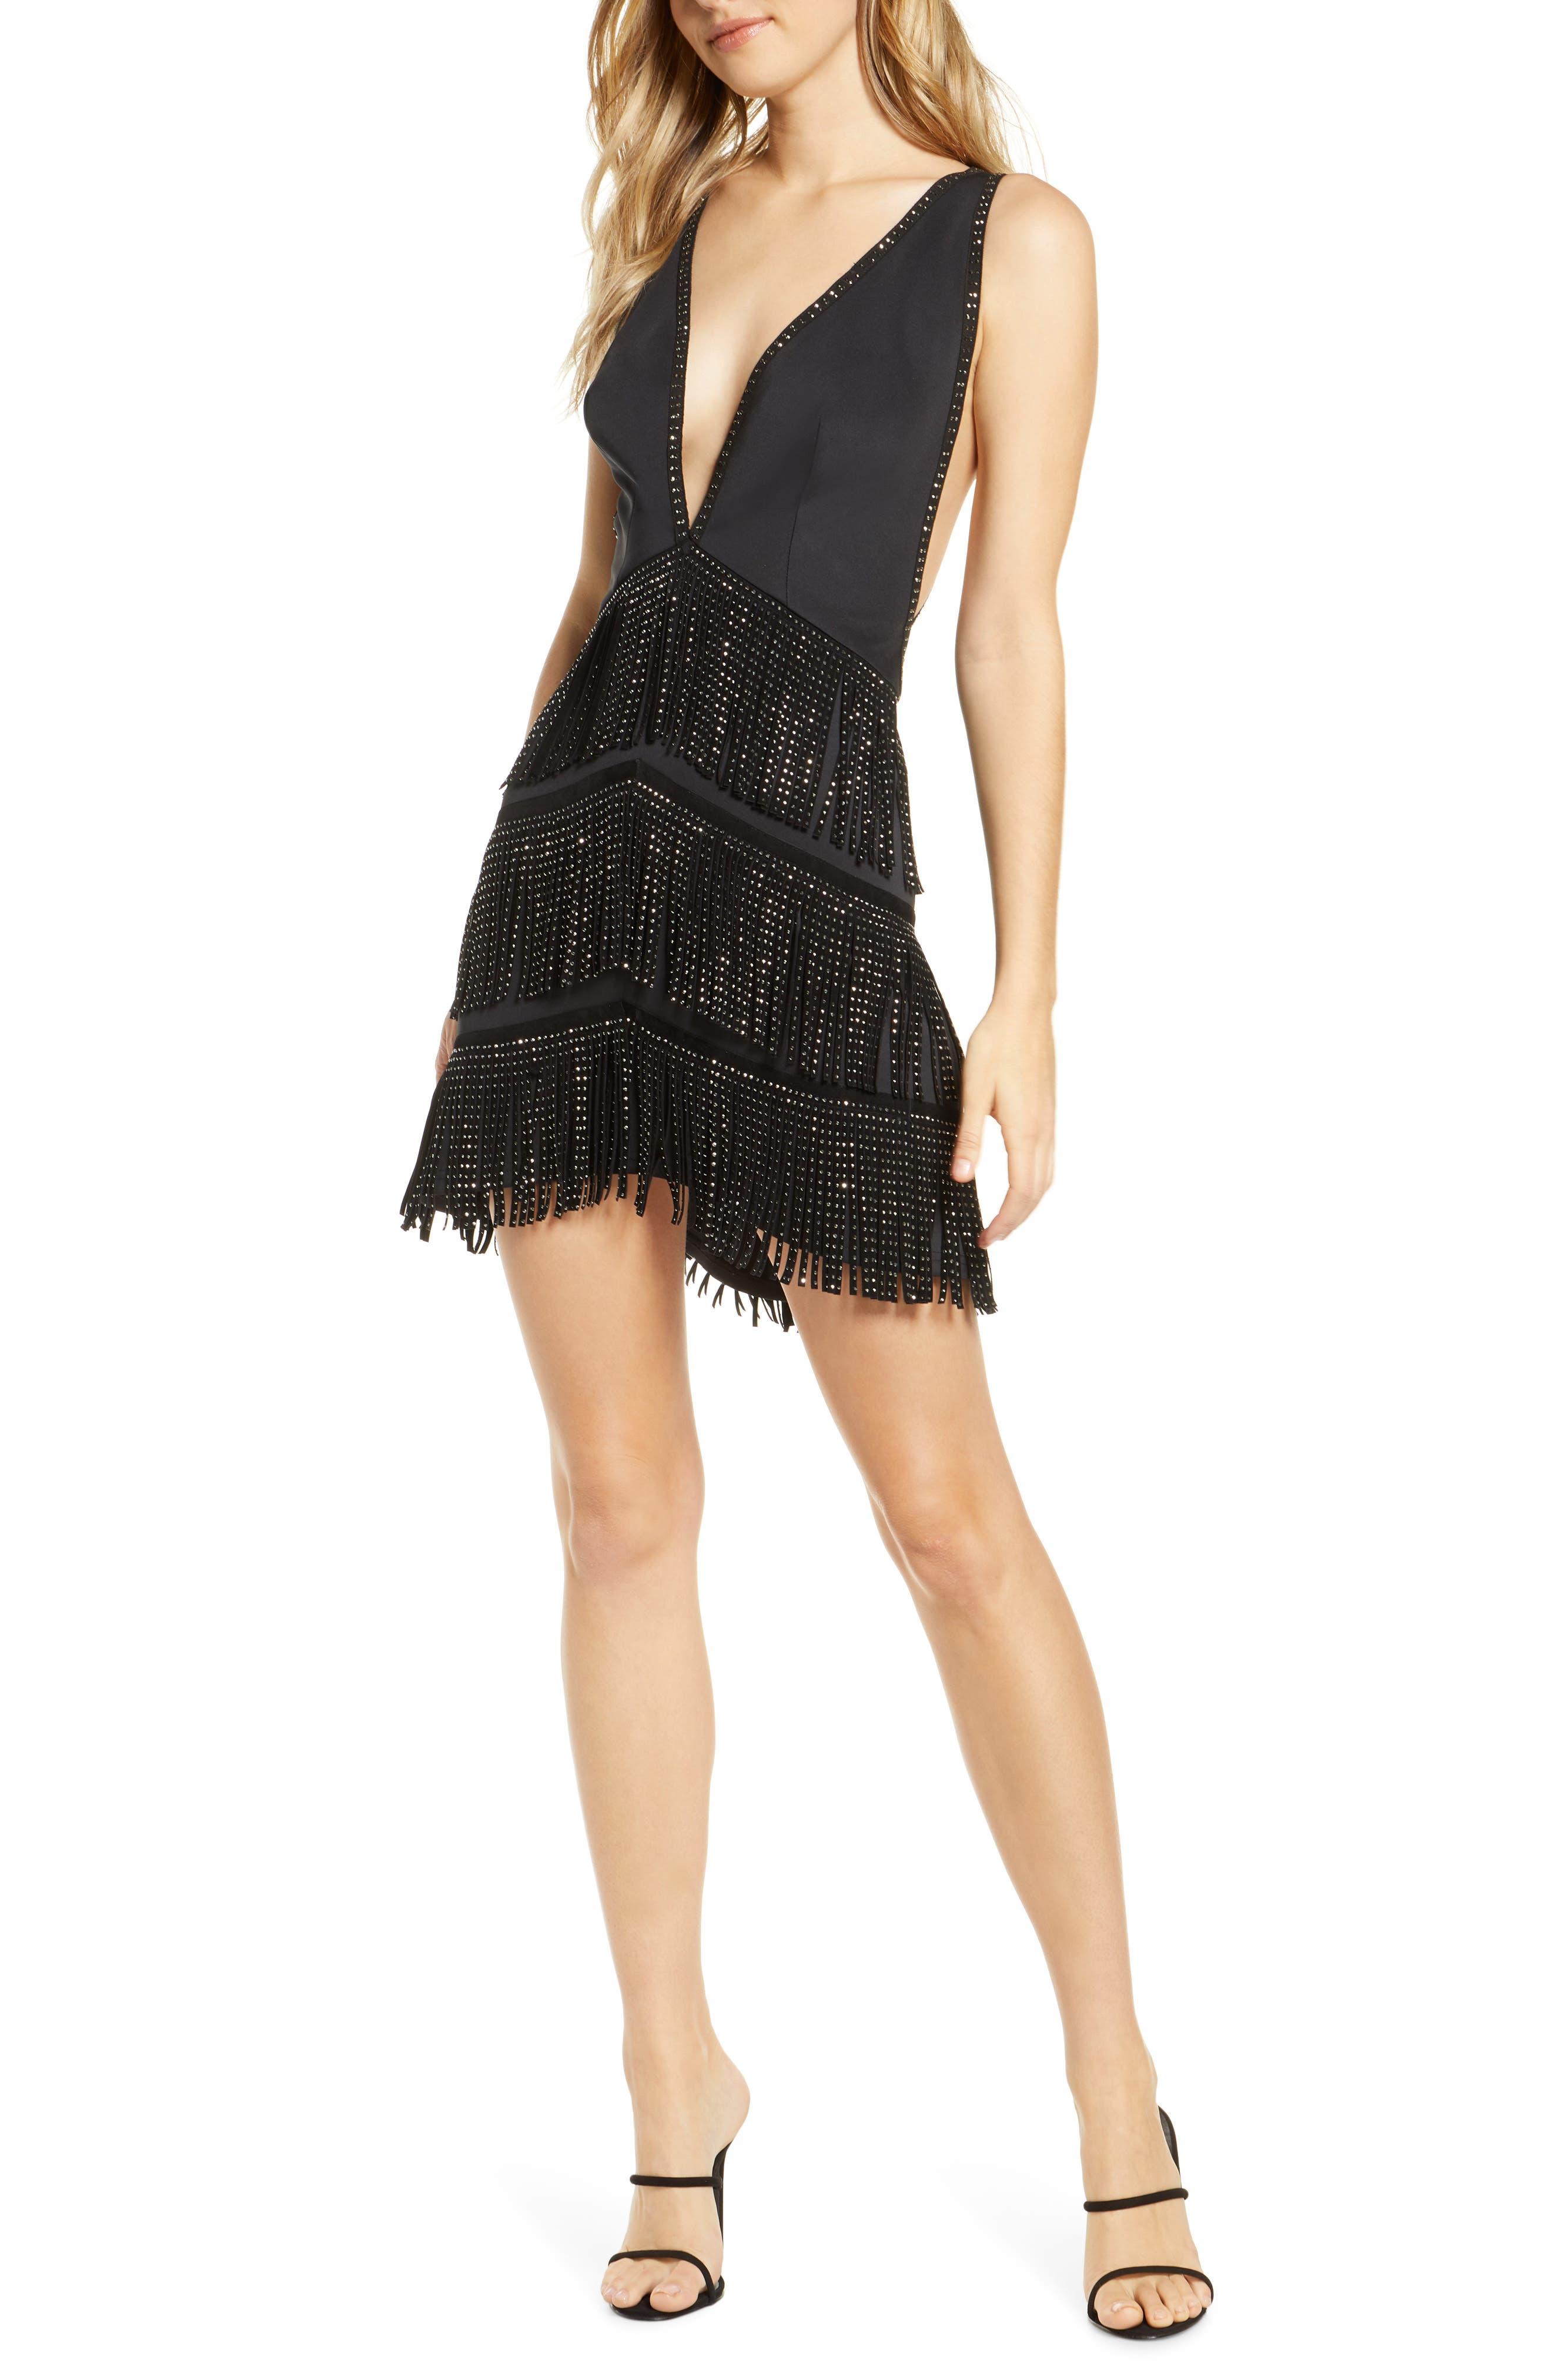 SHO Fringe Fit & Flare Dress